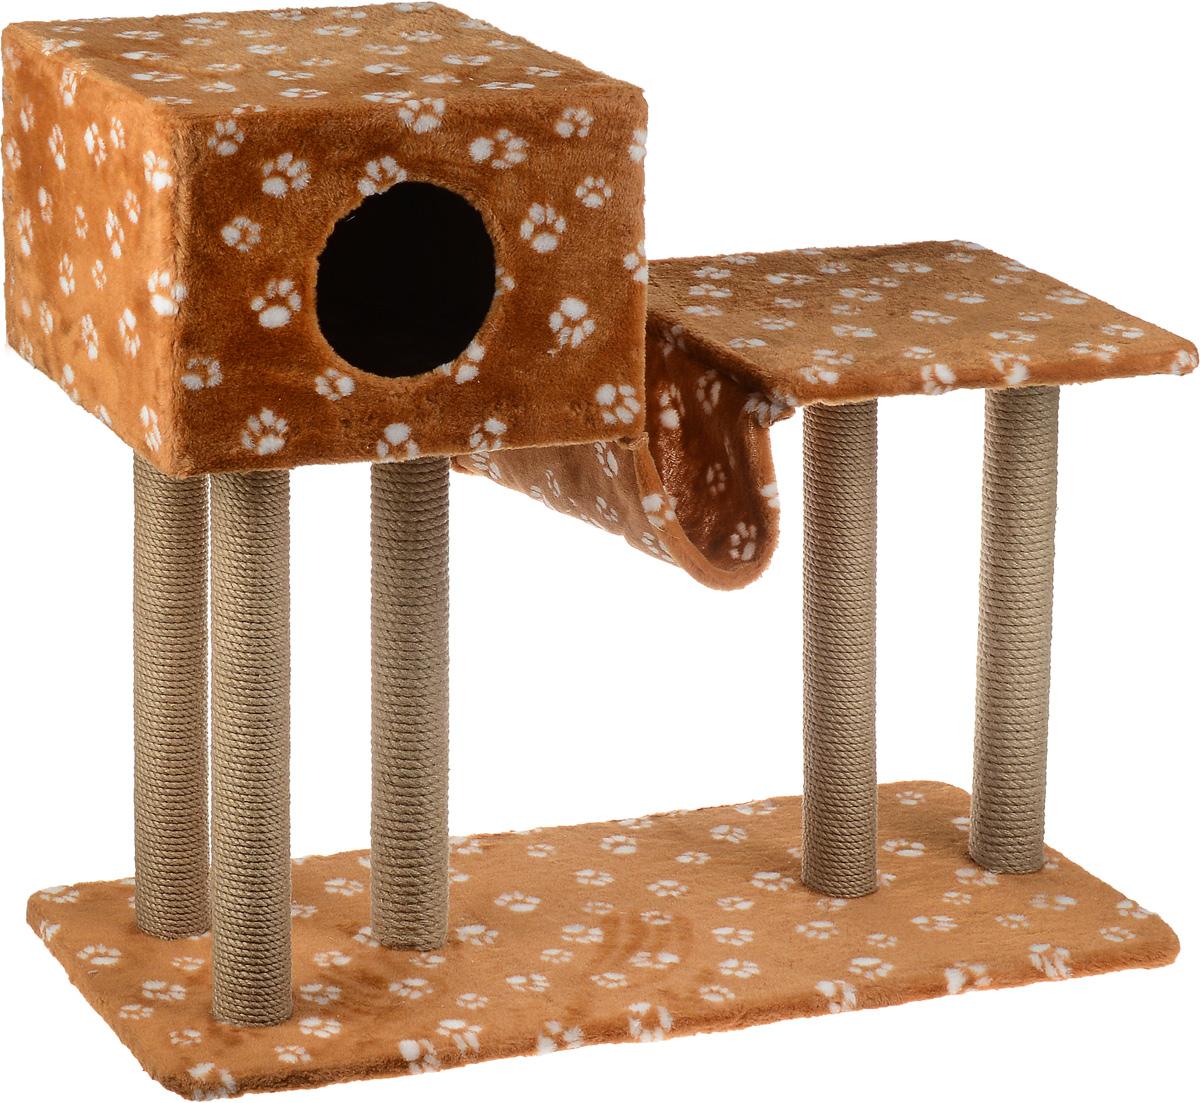 Игровой комплекс для кошек Меридиан, с домиком и гамаком, цвет: коричневый, белый, бежевый, 90 х 40 х 80 см0120710Игровой комплекс для кошек Меридиан выполнен из высококачественного ДВП и ДСП и обтянут искусственным мехом. Изделие предназначено для кошек. Ваш домашний питомец будет с удовольствием точить когти о специальные столбики, изготовленные из джута. А отдохнуть он сможет в домике, на полках или в удобном гамаке.Общий размер: 90 х 40 х 80 см.Размер основания: 90 х 40 см.Высота полки: 53 см.Размер домика: 40 х 40 х 28 см.Размер полки: 39 х 39 см.